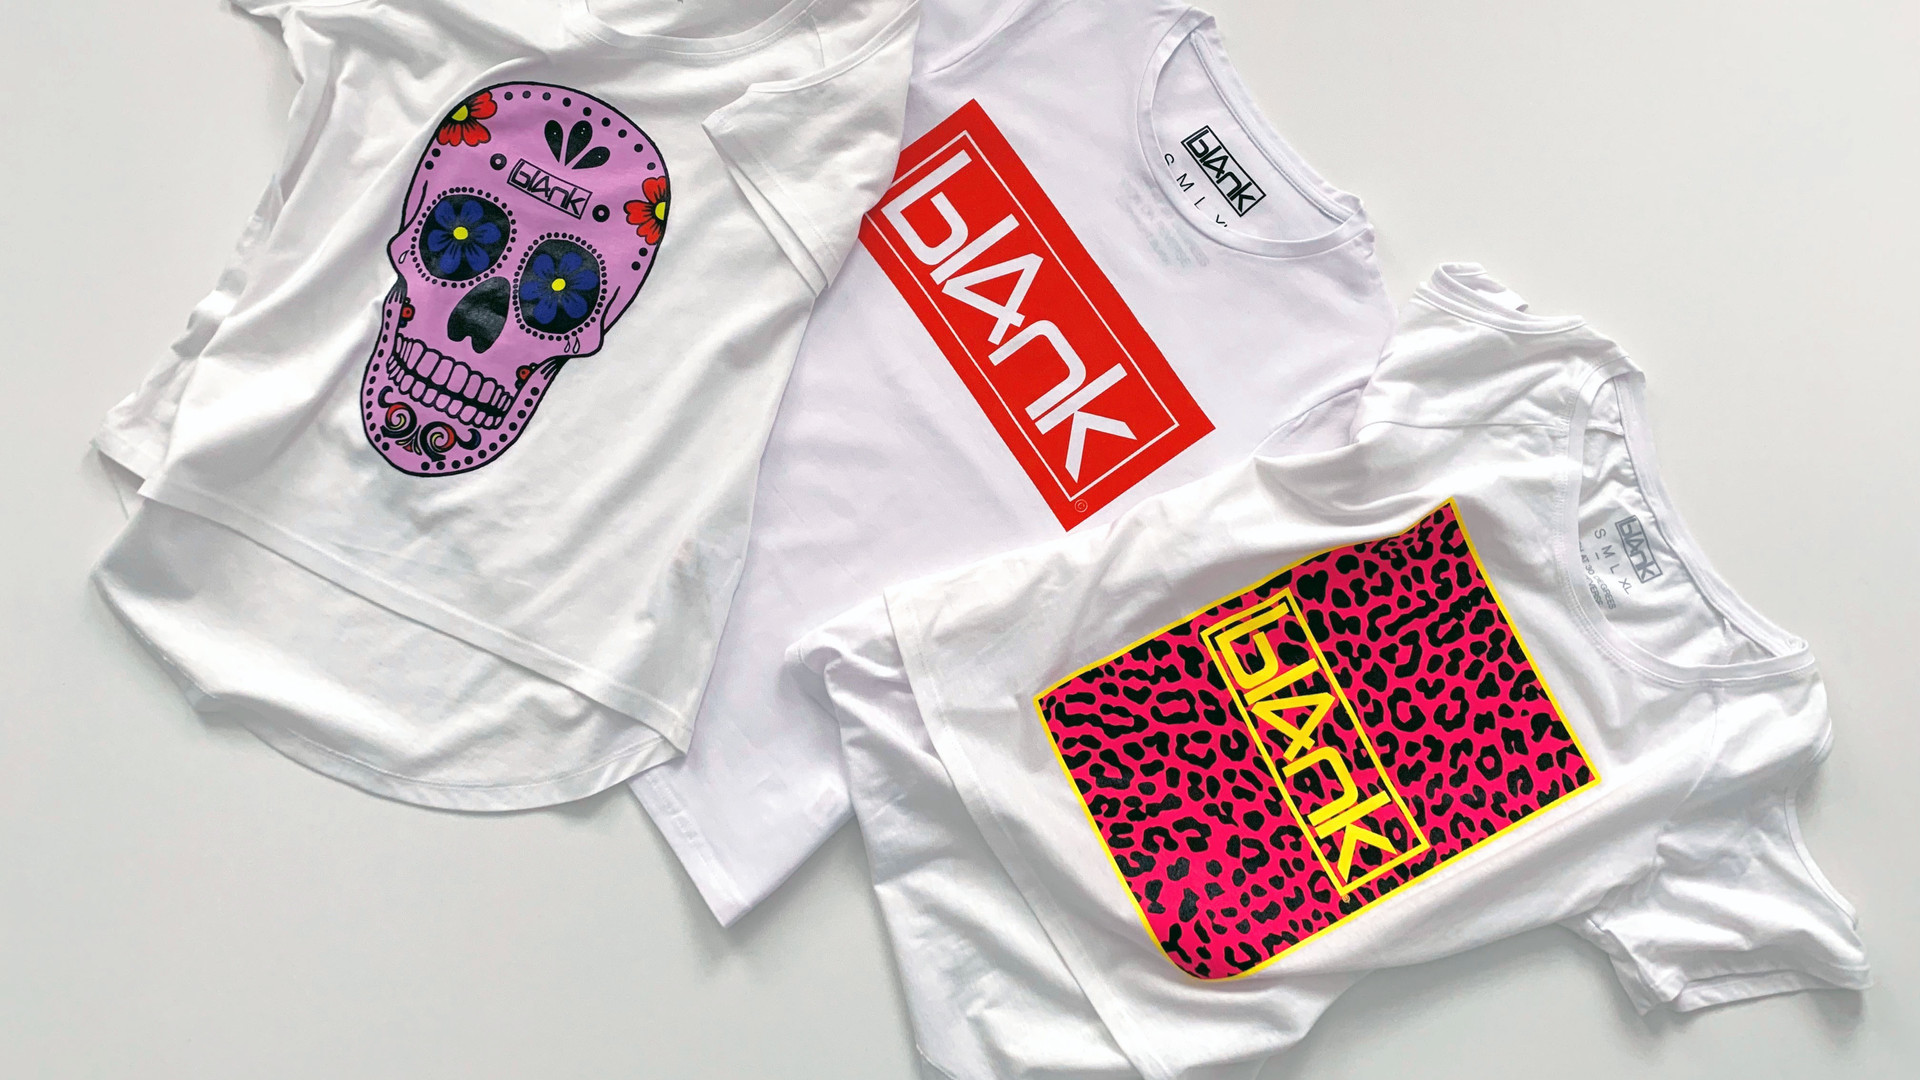 bl4nk tshirts